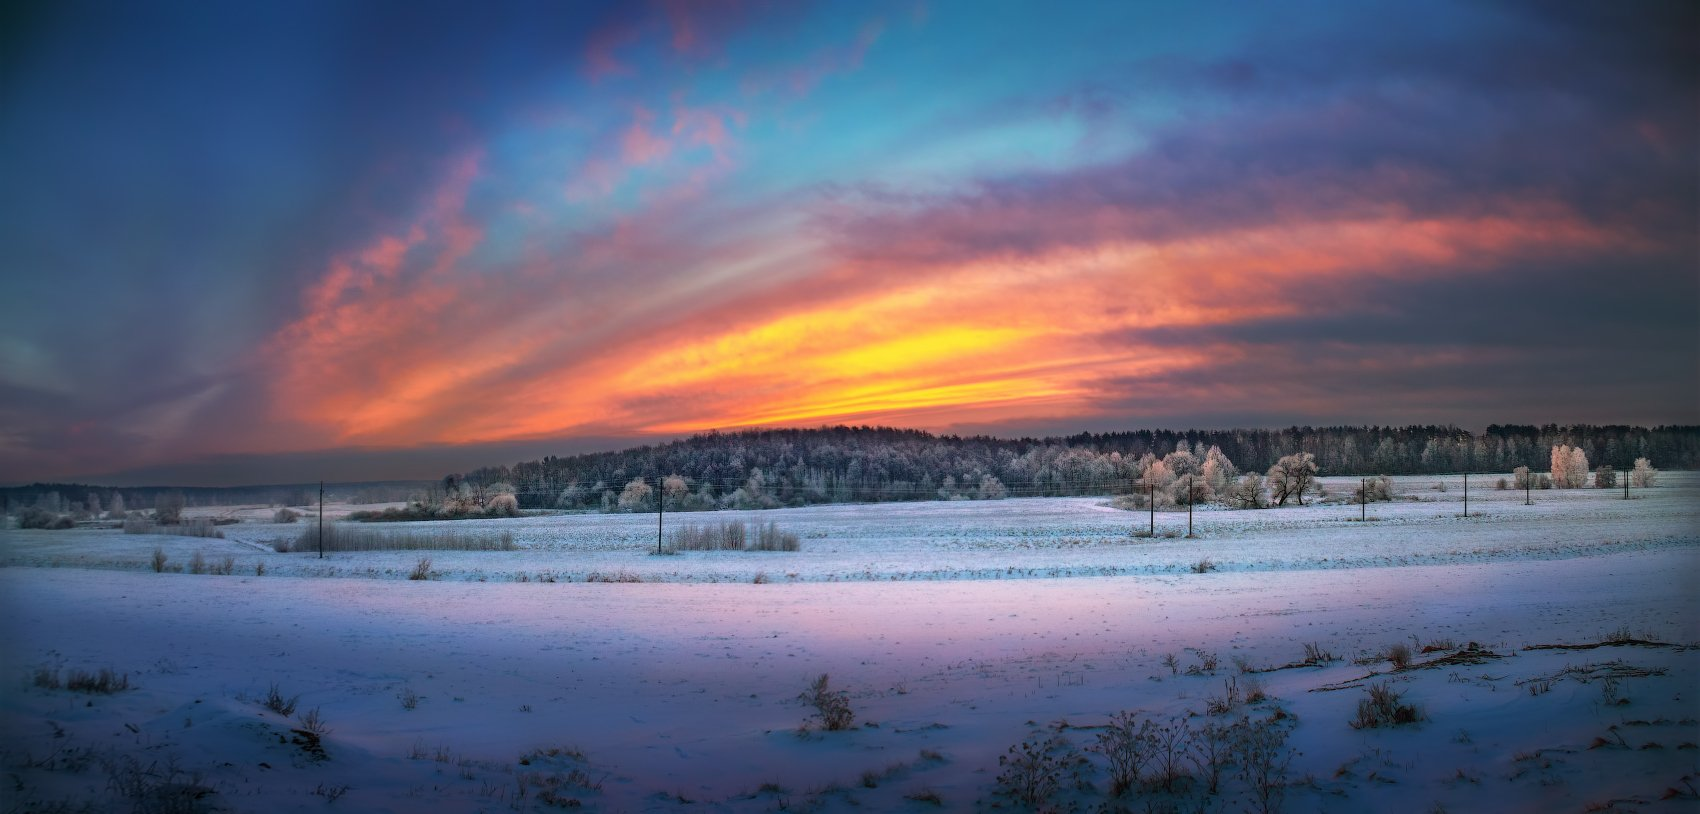 зима, поле, лес, деревья, небо, рассвет,, Сергей Шабуневич